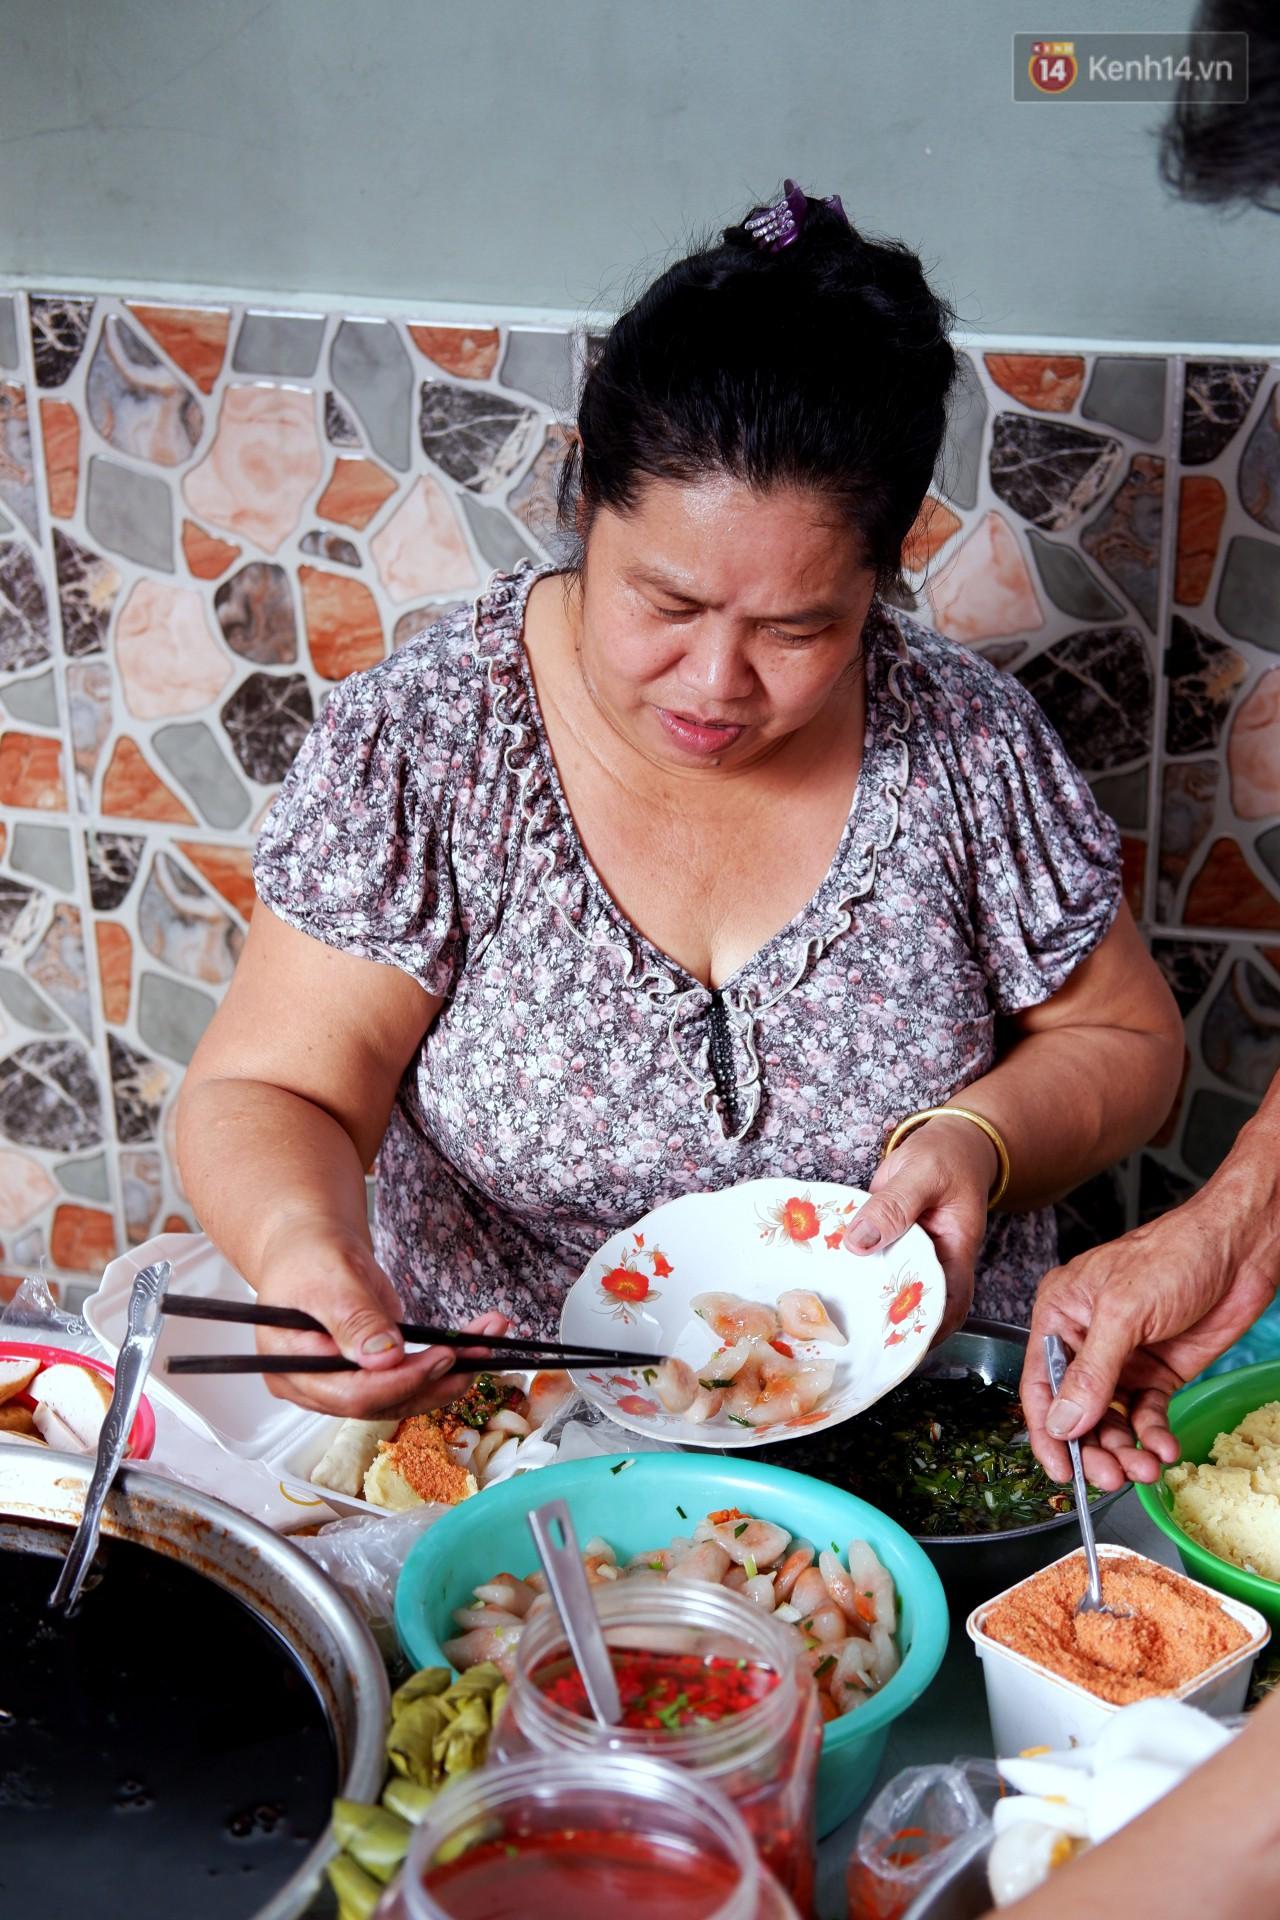 Tiệm ăn hàng 30 năm của dì Gái chịu chơi nhất Sài Gòn, mối ngày bán trong 1 giờ là hết veo - Ảnh 3.